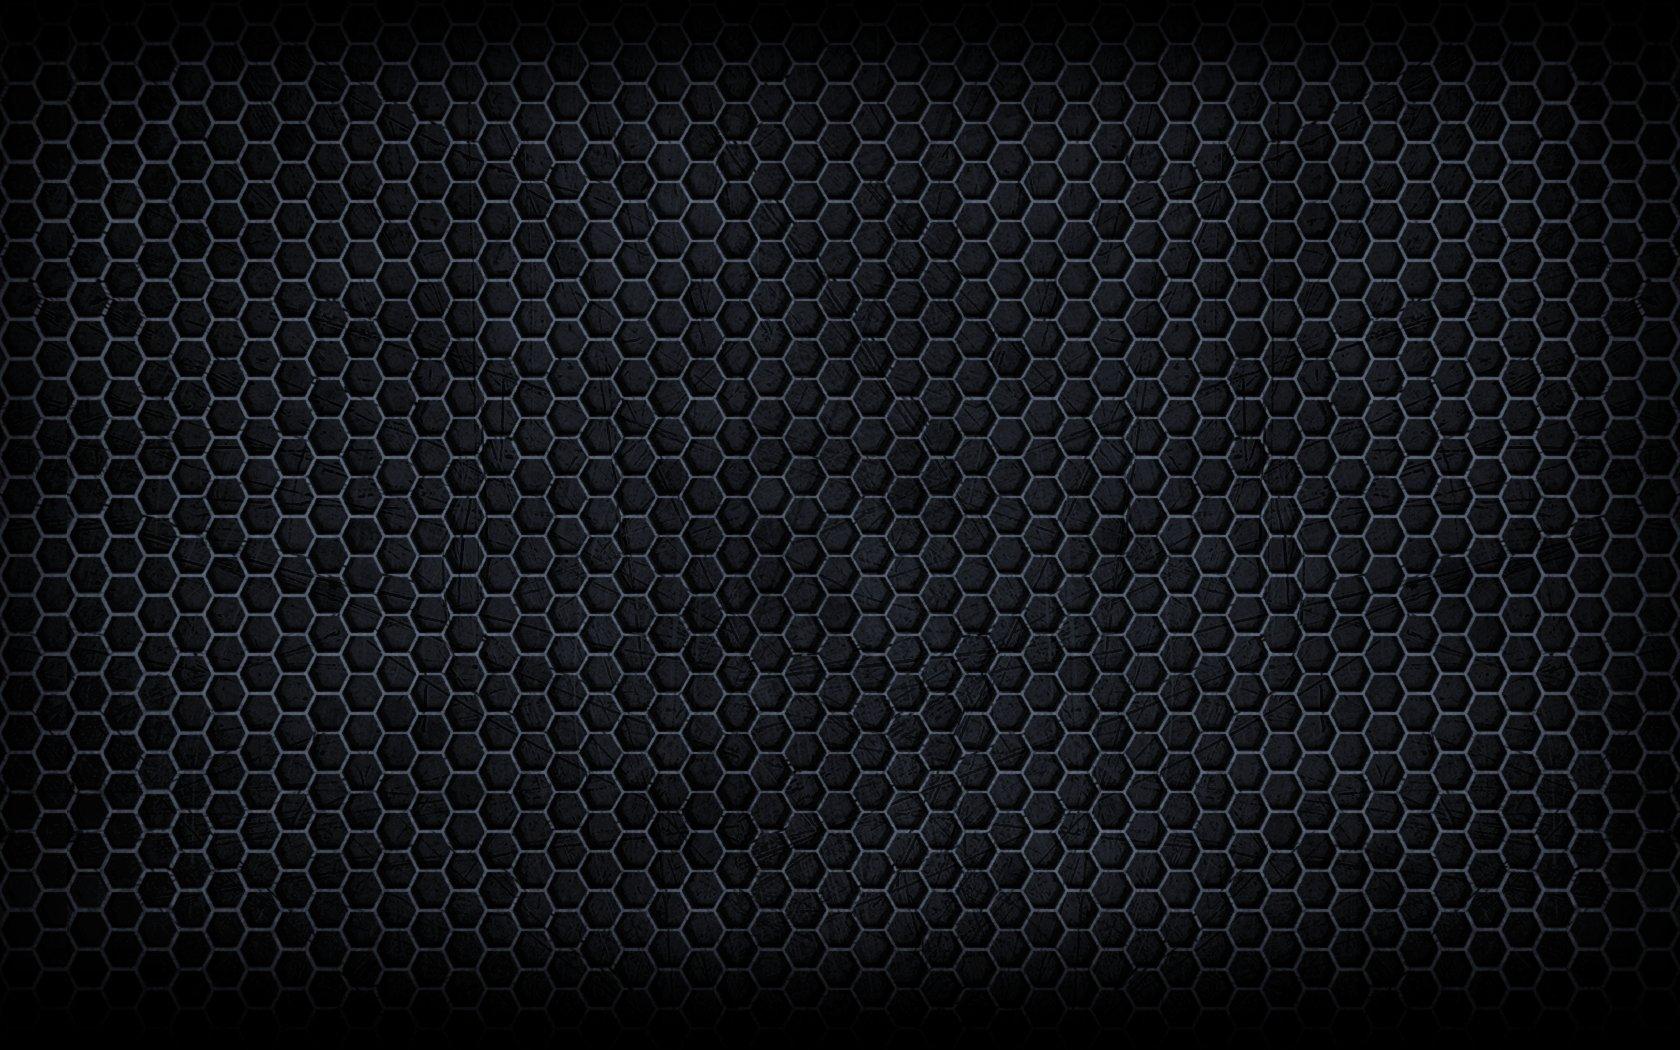 textured hd wallpapers - wallpapersafari